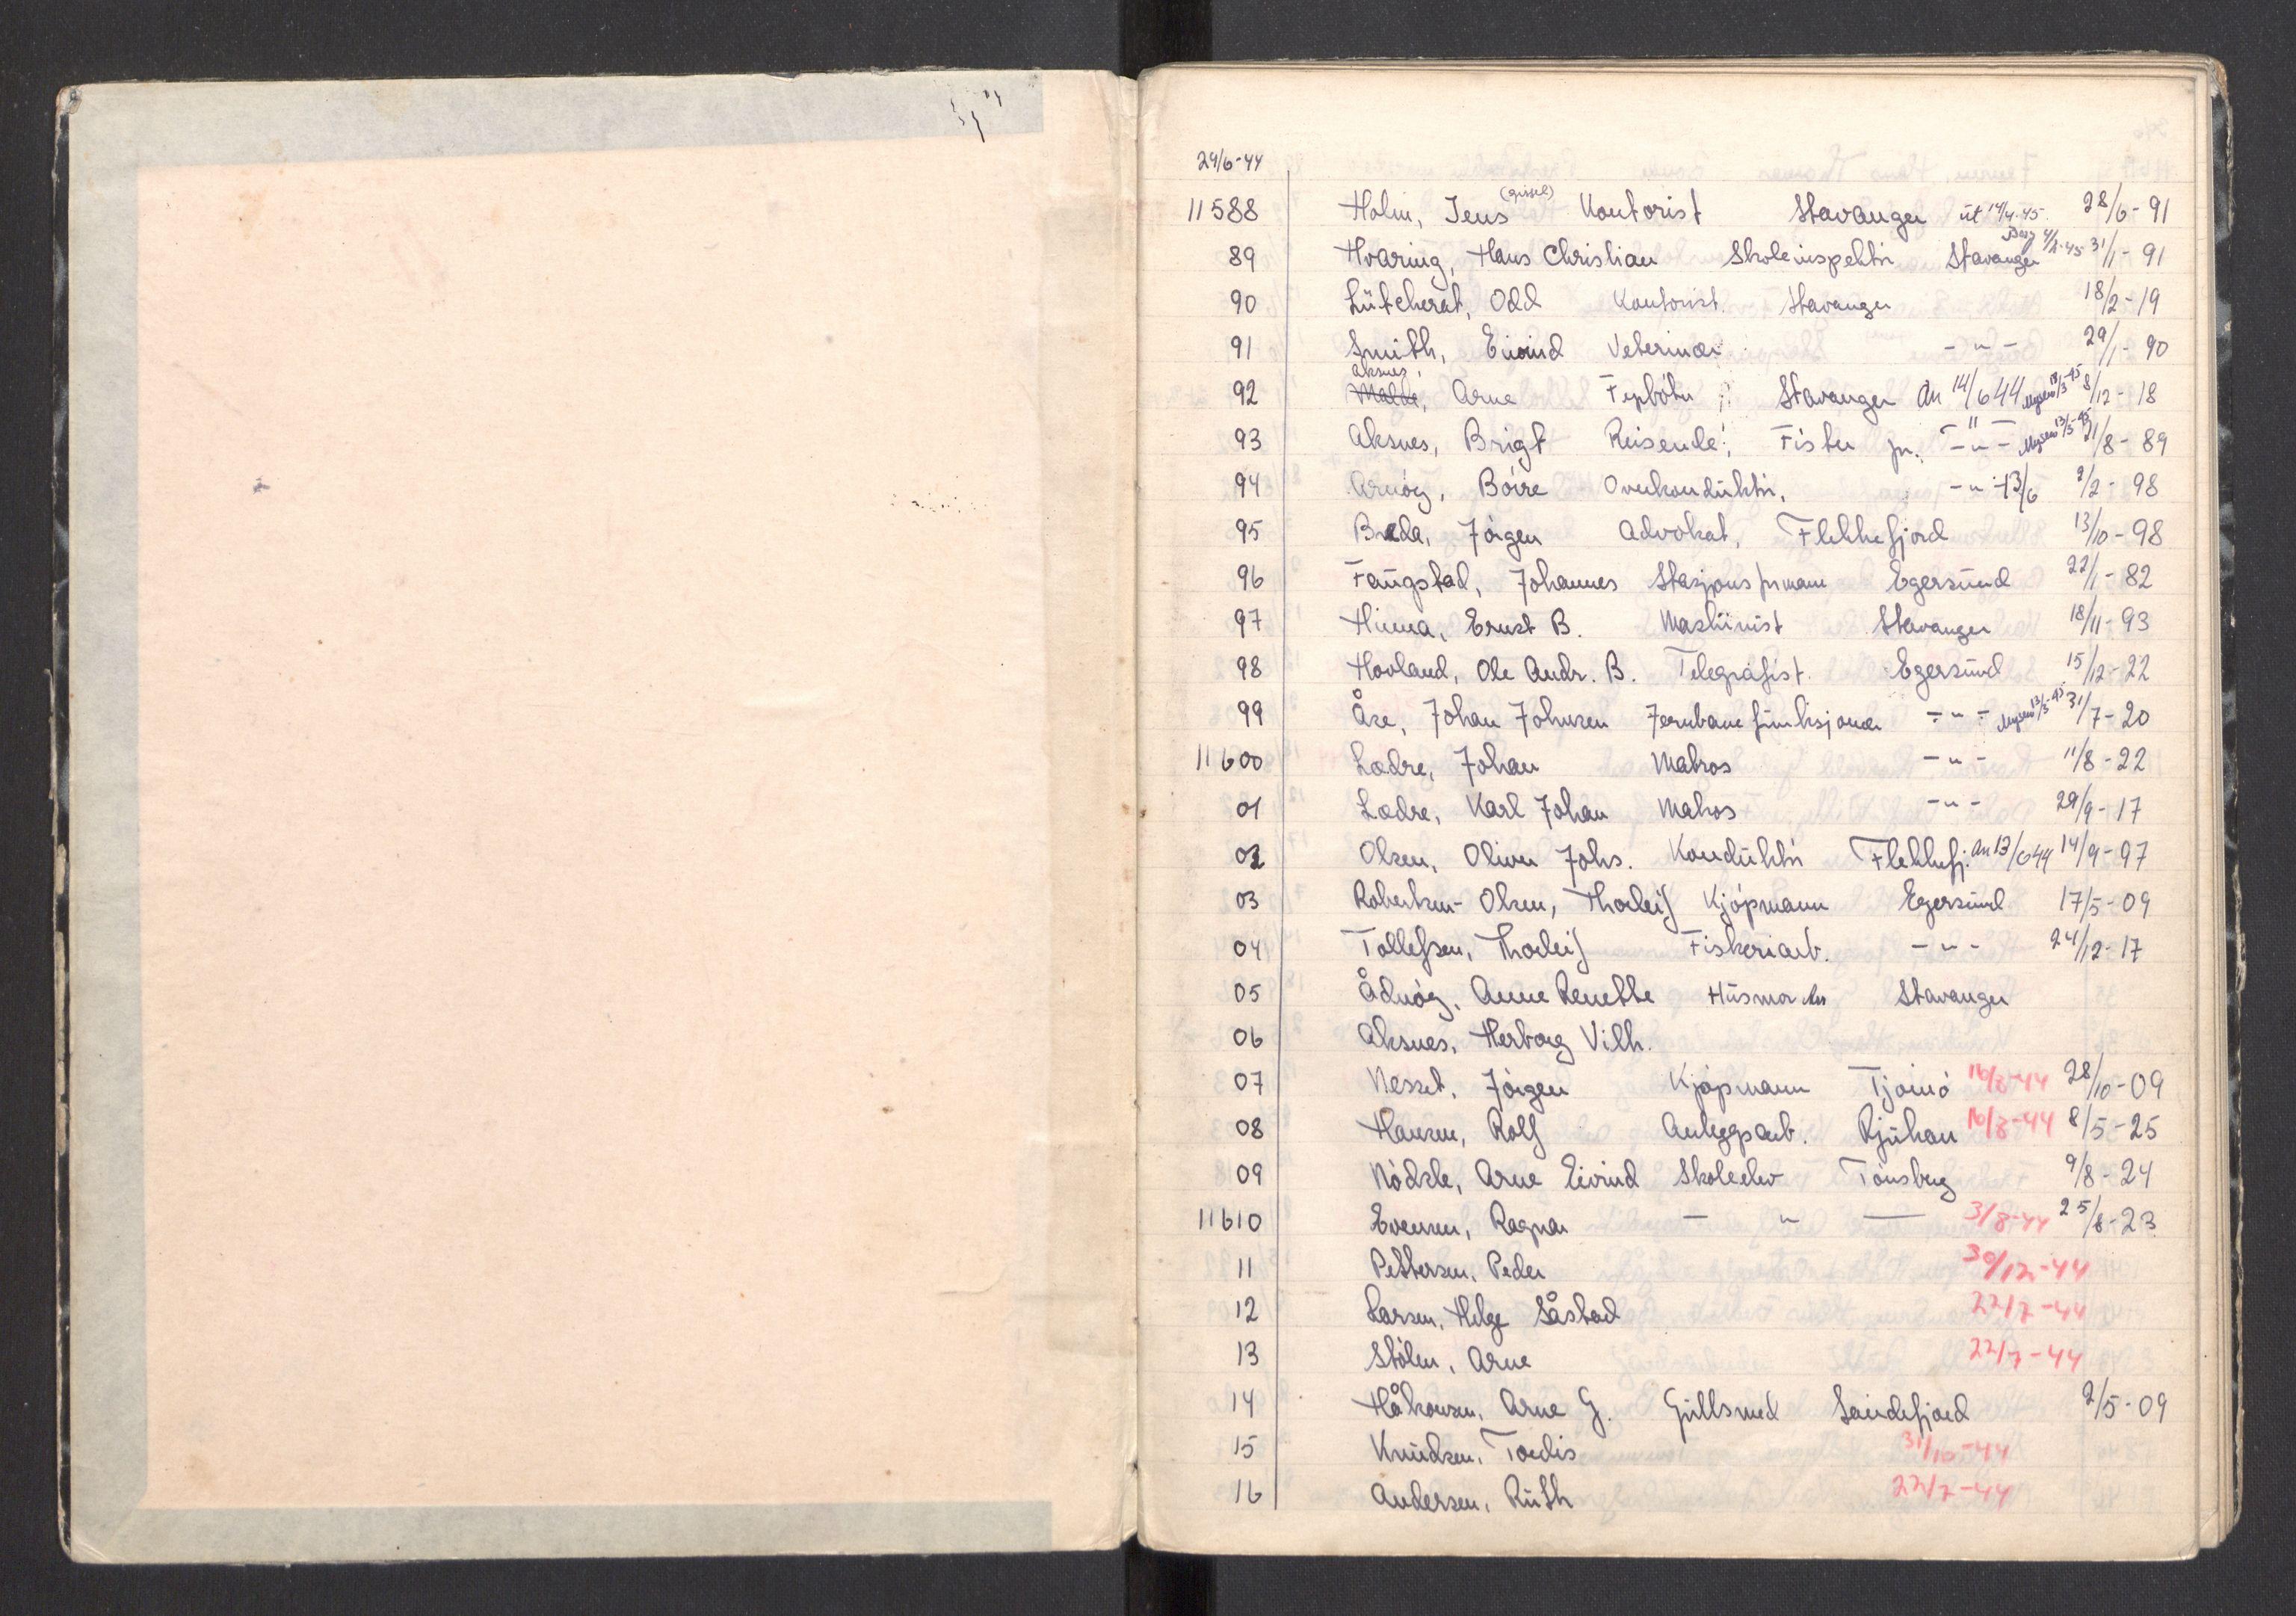 RA, Befehlshaber der Sicherheitspolizei und des SD, F/Fa/Faa/L0014: Fangefortegnelser. Fangenr. 11588-15047, 1945